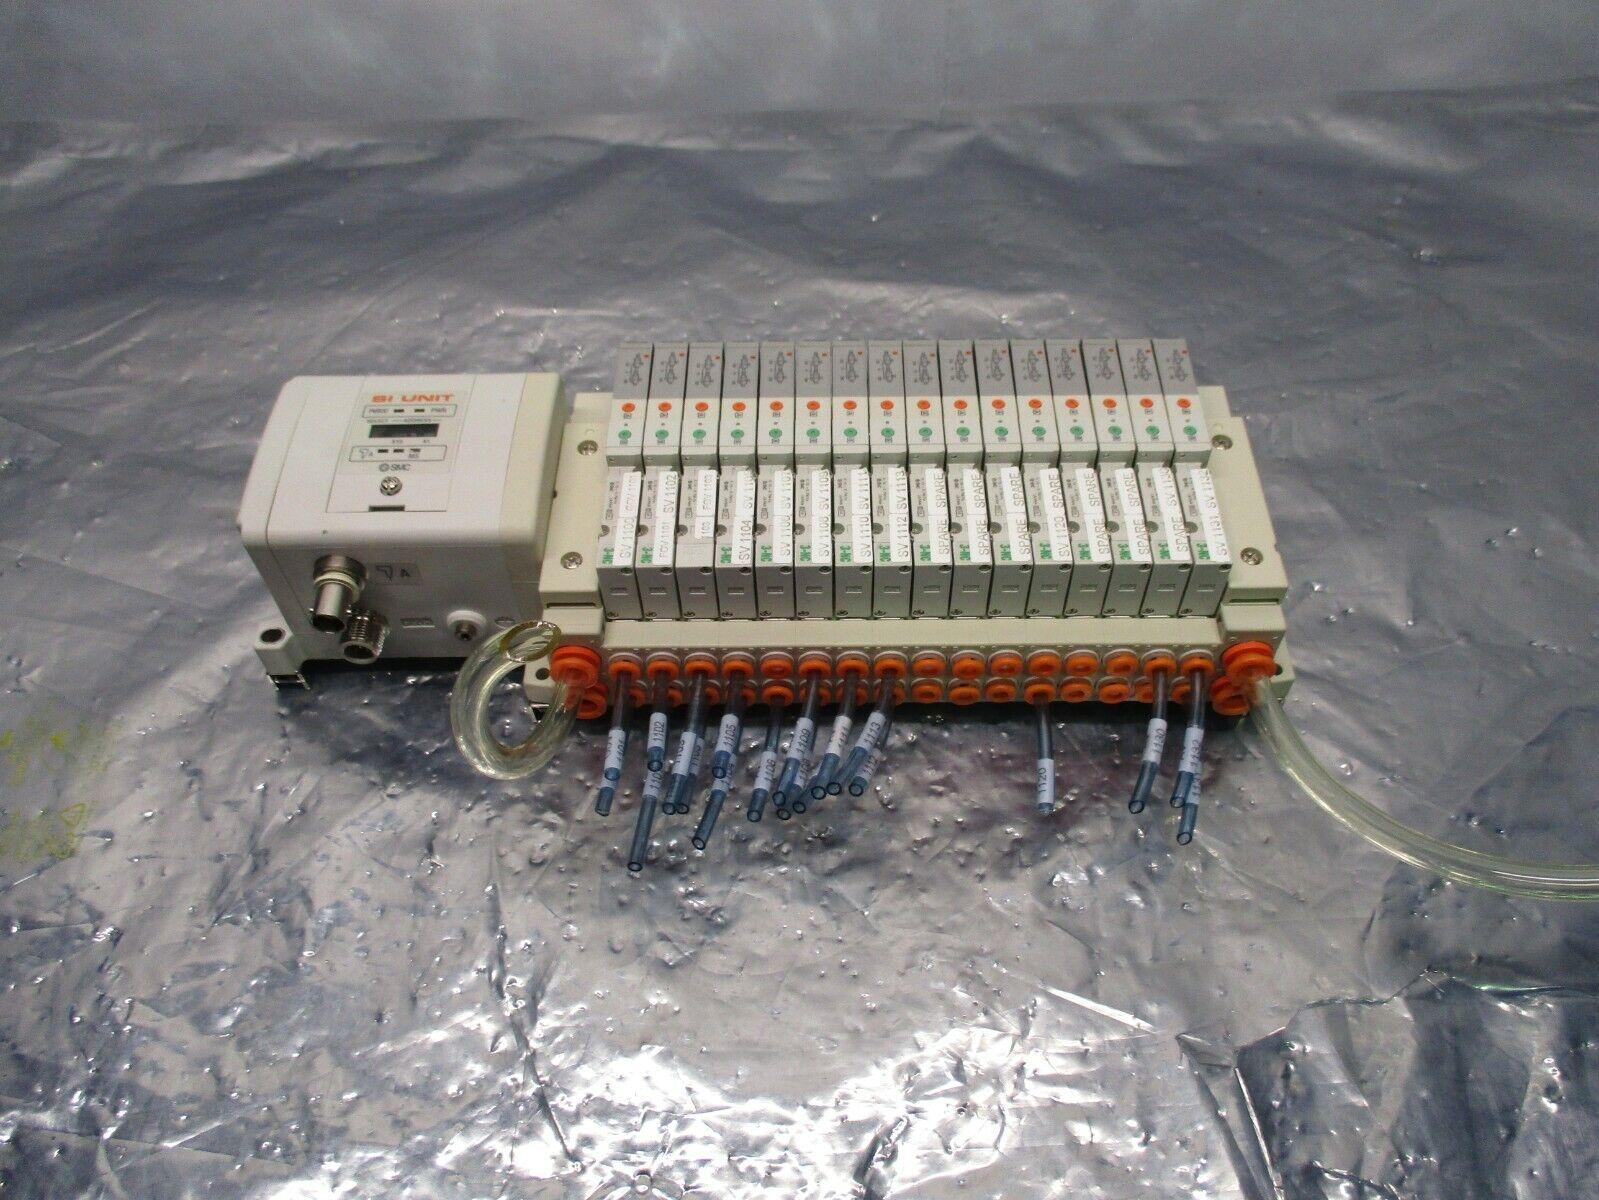 SMC SS5V1-GCJ08 16 Valve Manifold Assy w/ EX250-SCN1 Serial Interface, 100847